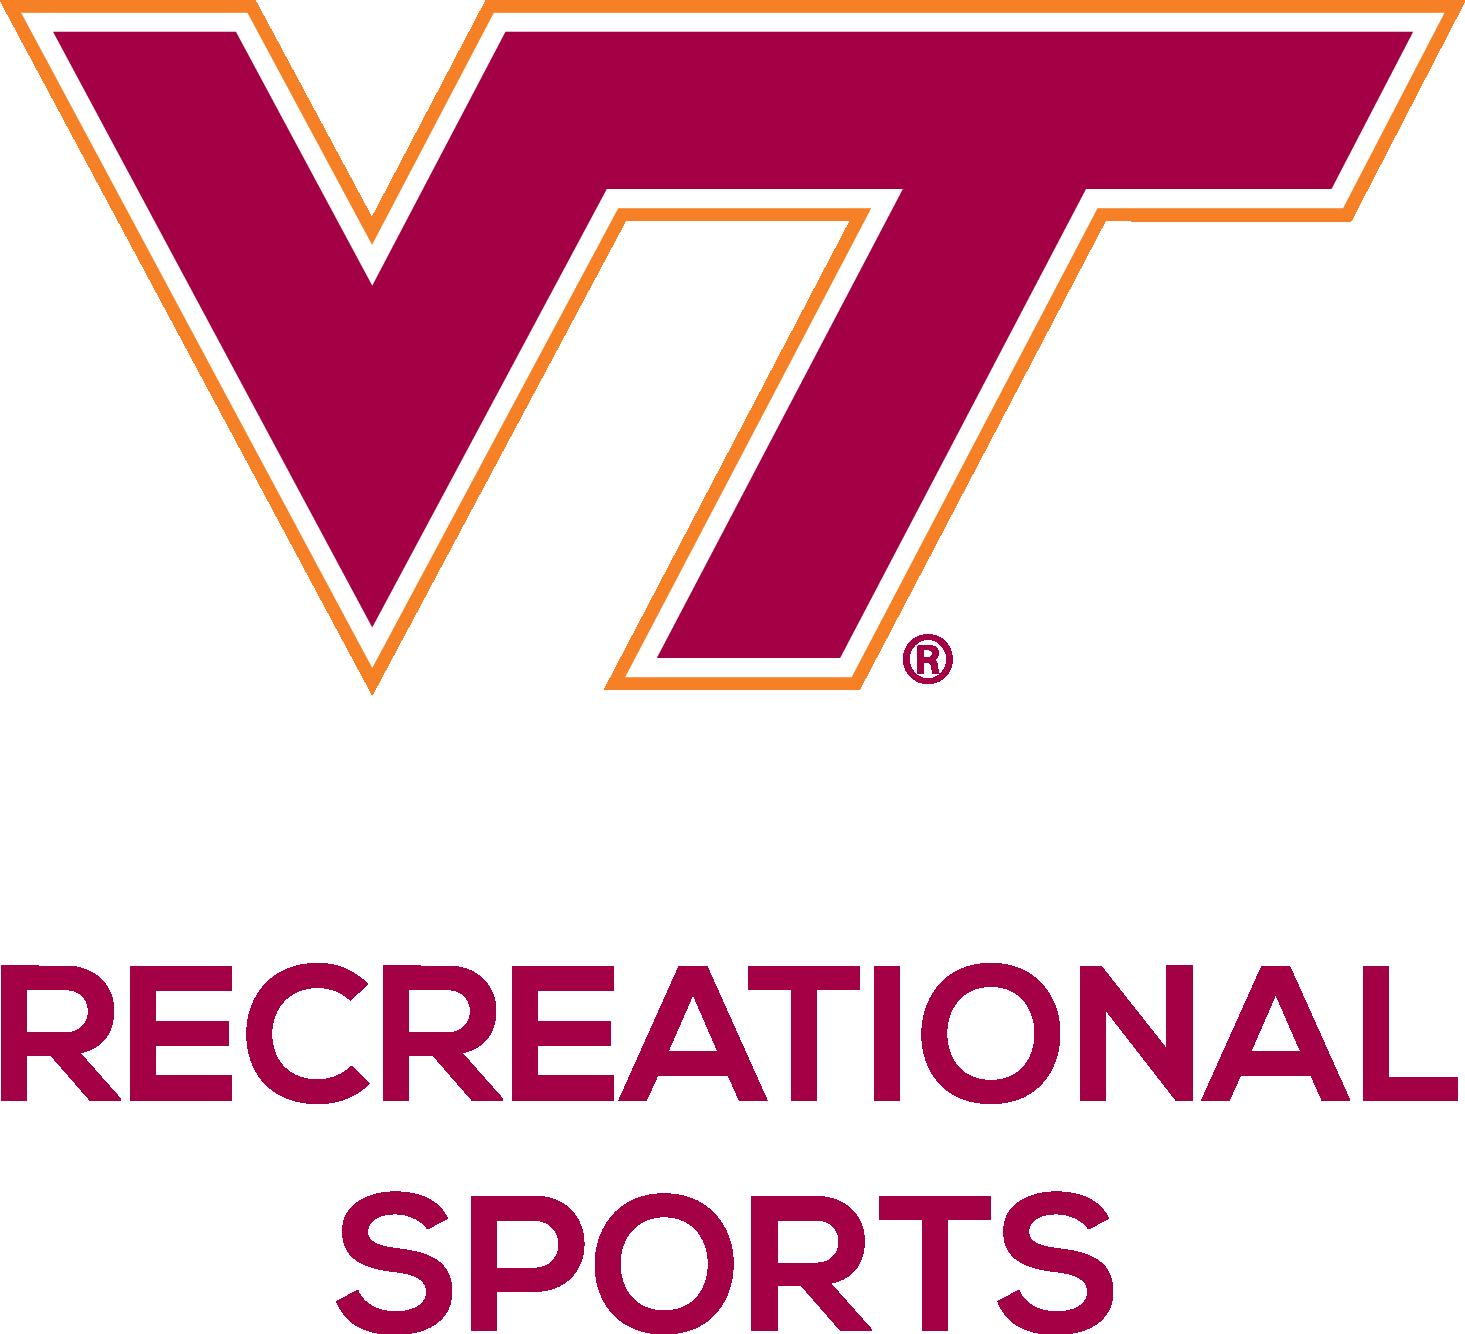 Virginia Tech Recreational Sports logo